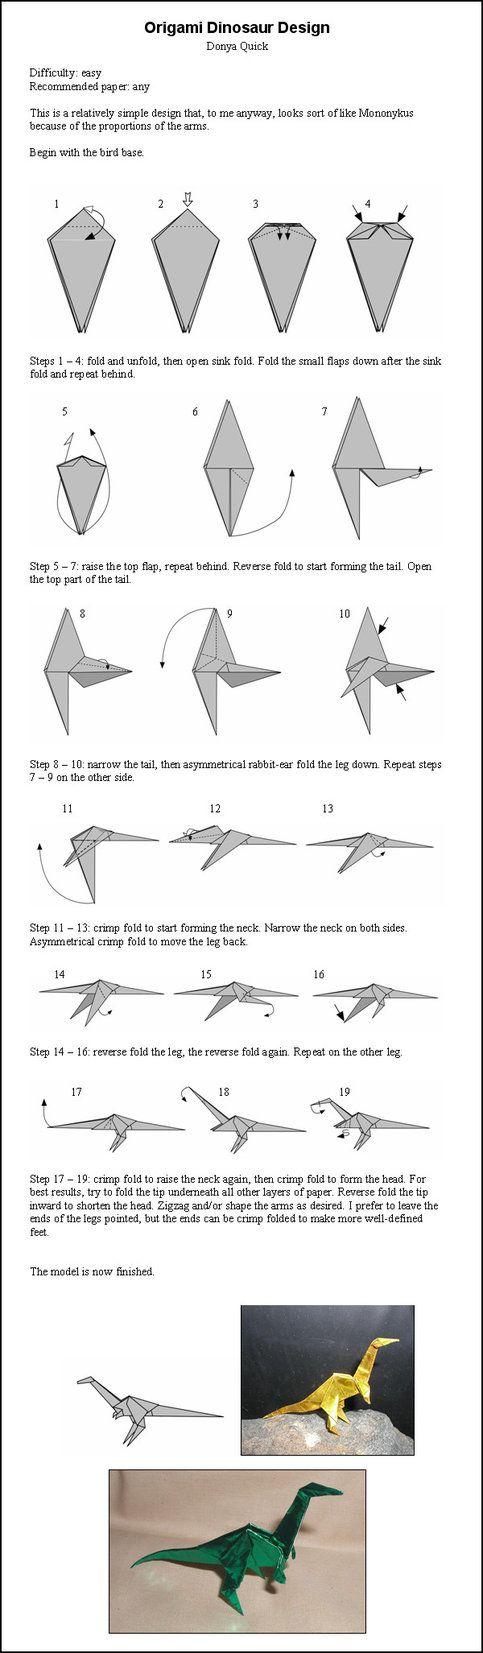 Dinosaur origami instructions